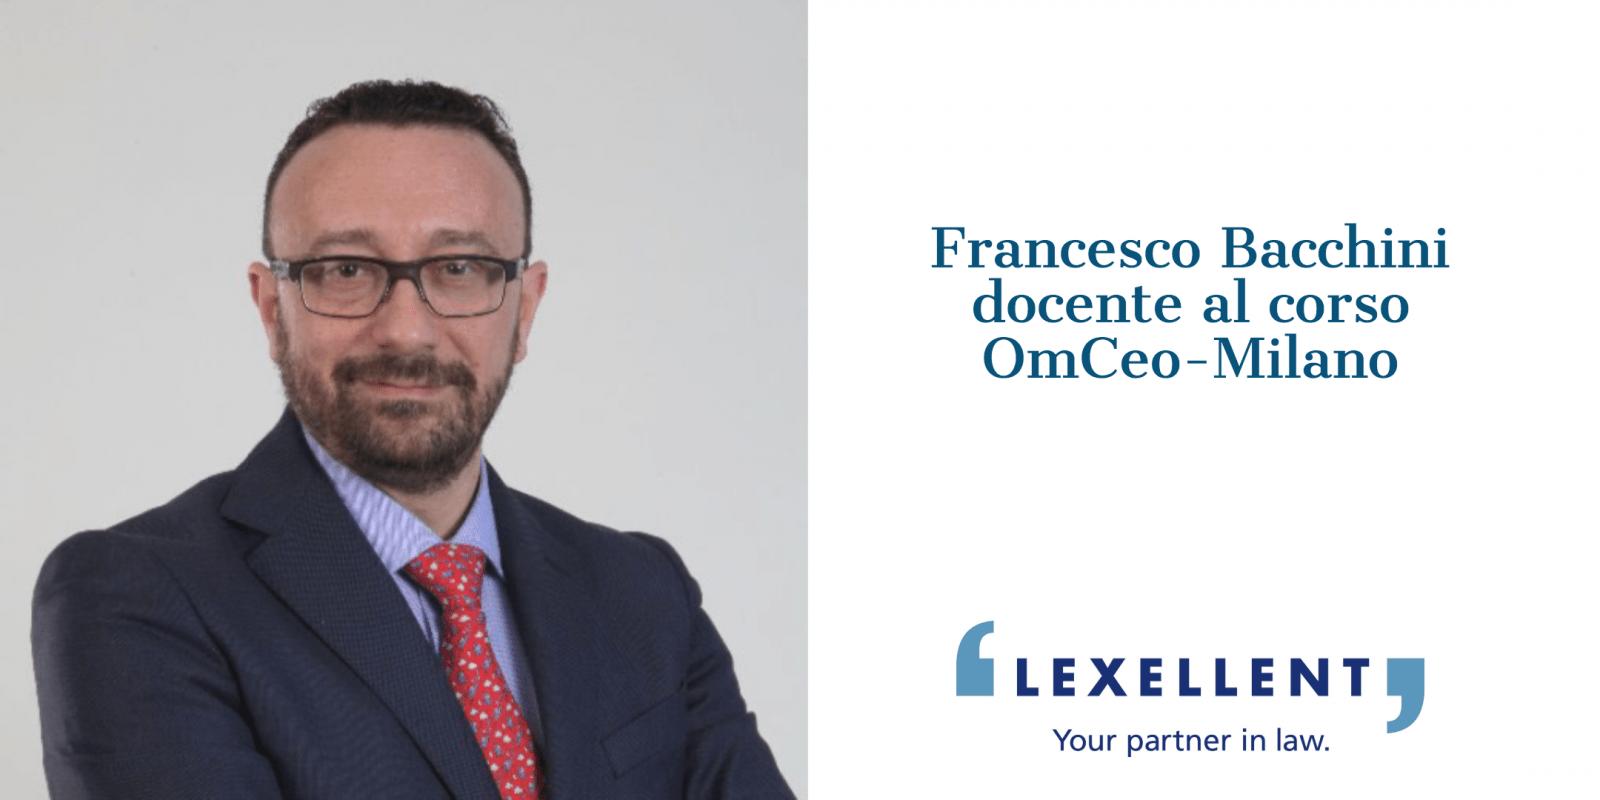 Francesco Bacchini docente al corso di ECM organizzato da OMCEO Milano